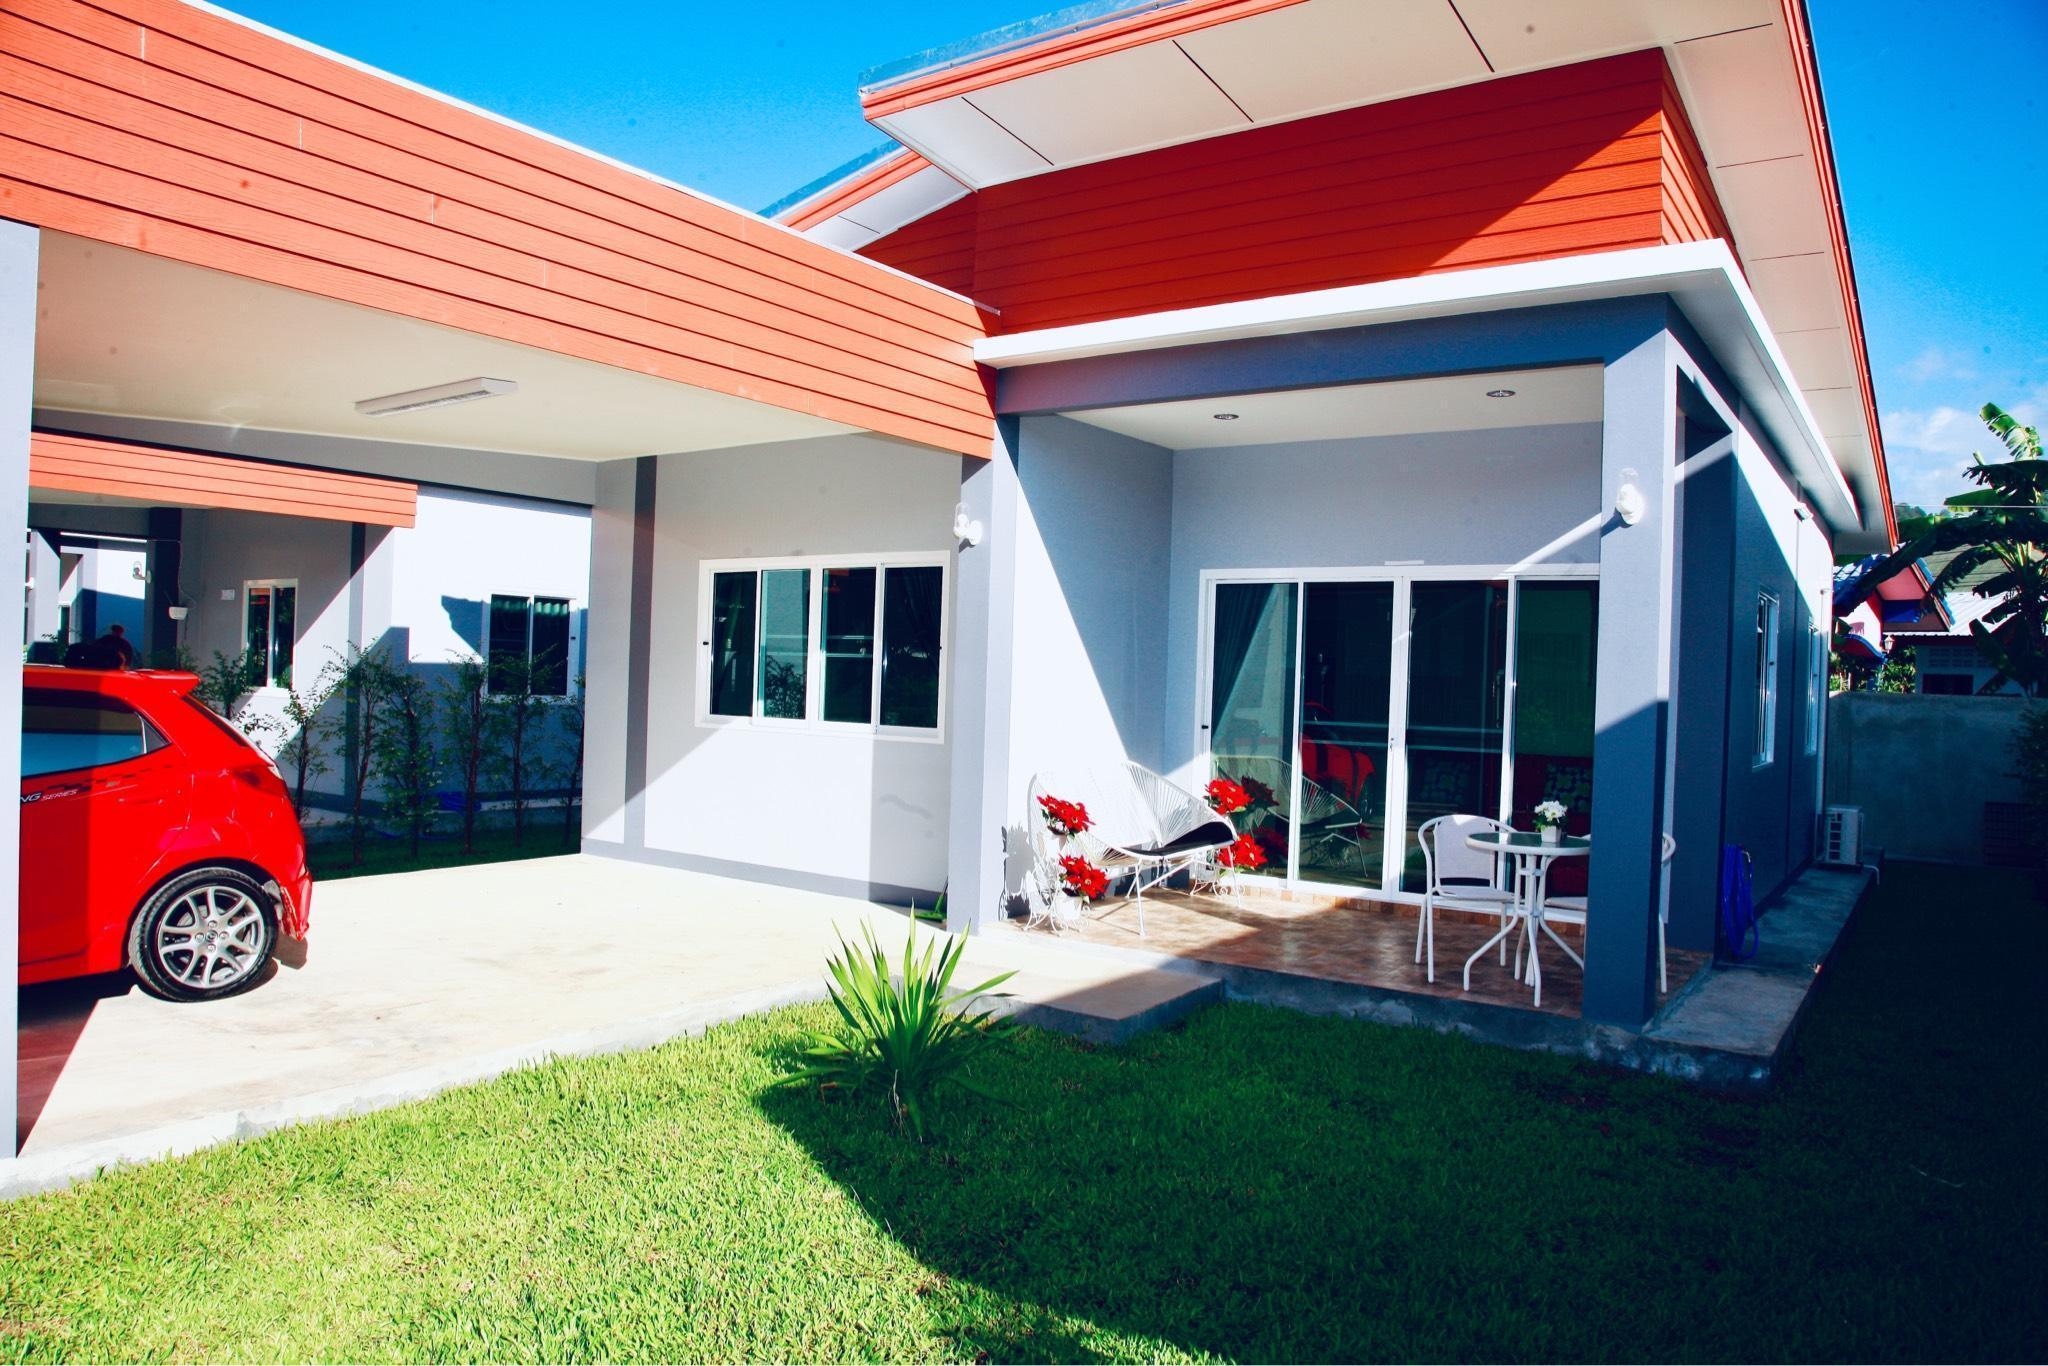 2BR Sweet Family House บ้านเดี่ยว 2 ห้องนอน 1 ห้องน้ำส่วนตัว ขนาด 85 ตร.ม. – ในหาน